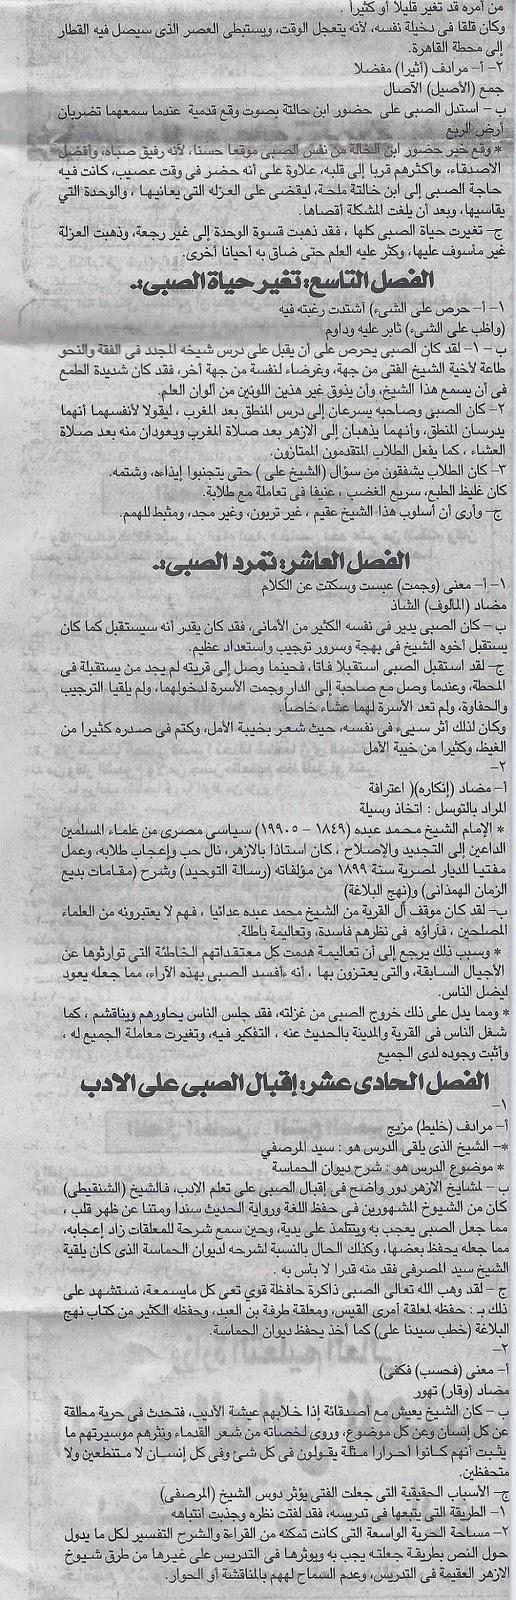 ملحق الجهورية التعليمى 4-2-2014 ينشر اهم نقاط قصة الايام فى ملخص رائع س و ج Talem-eg5